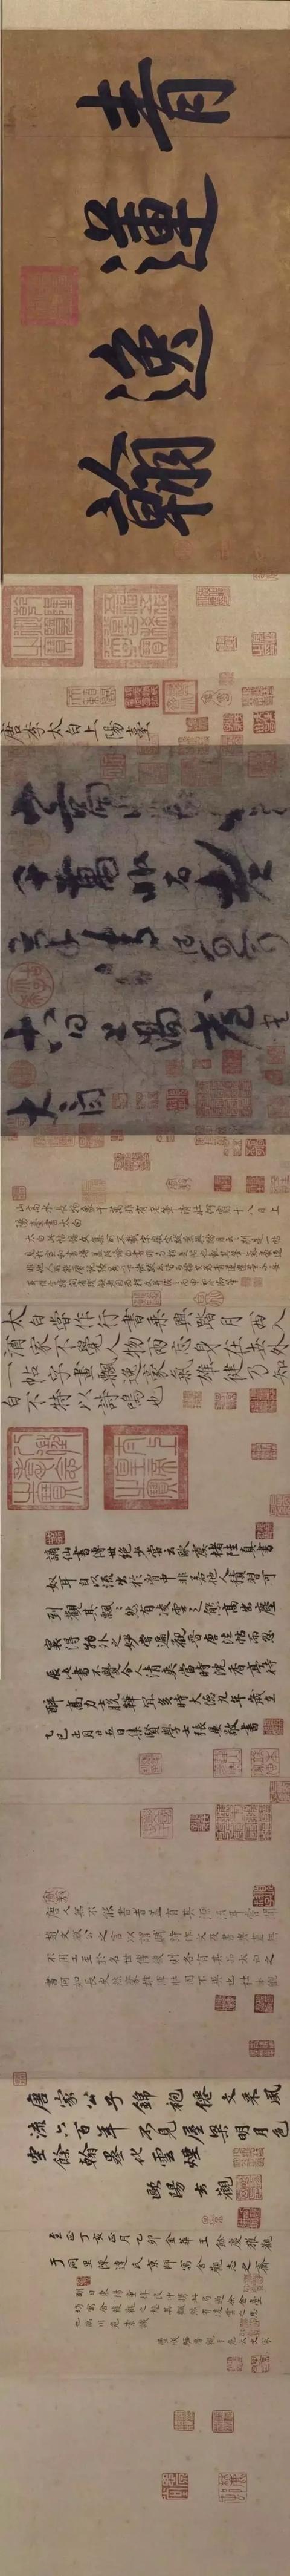 Great poet Li Bai's calligraphy authentic!